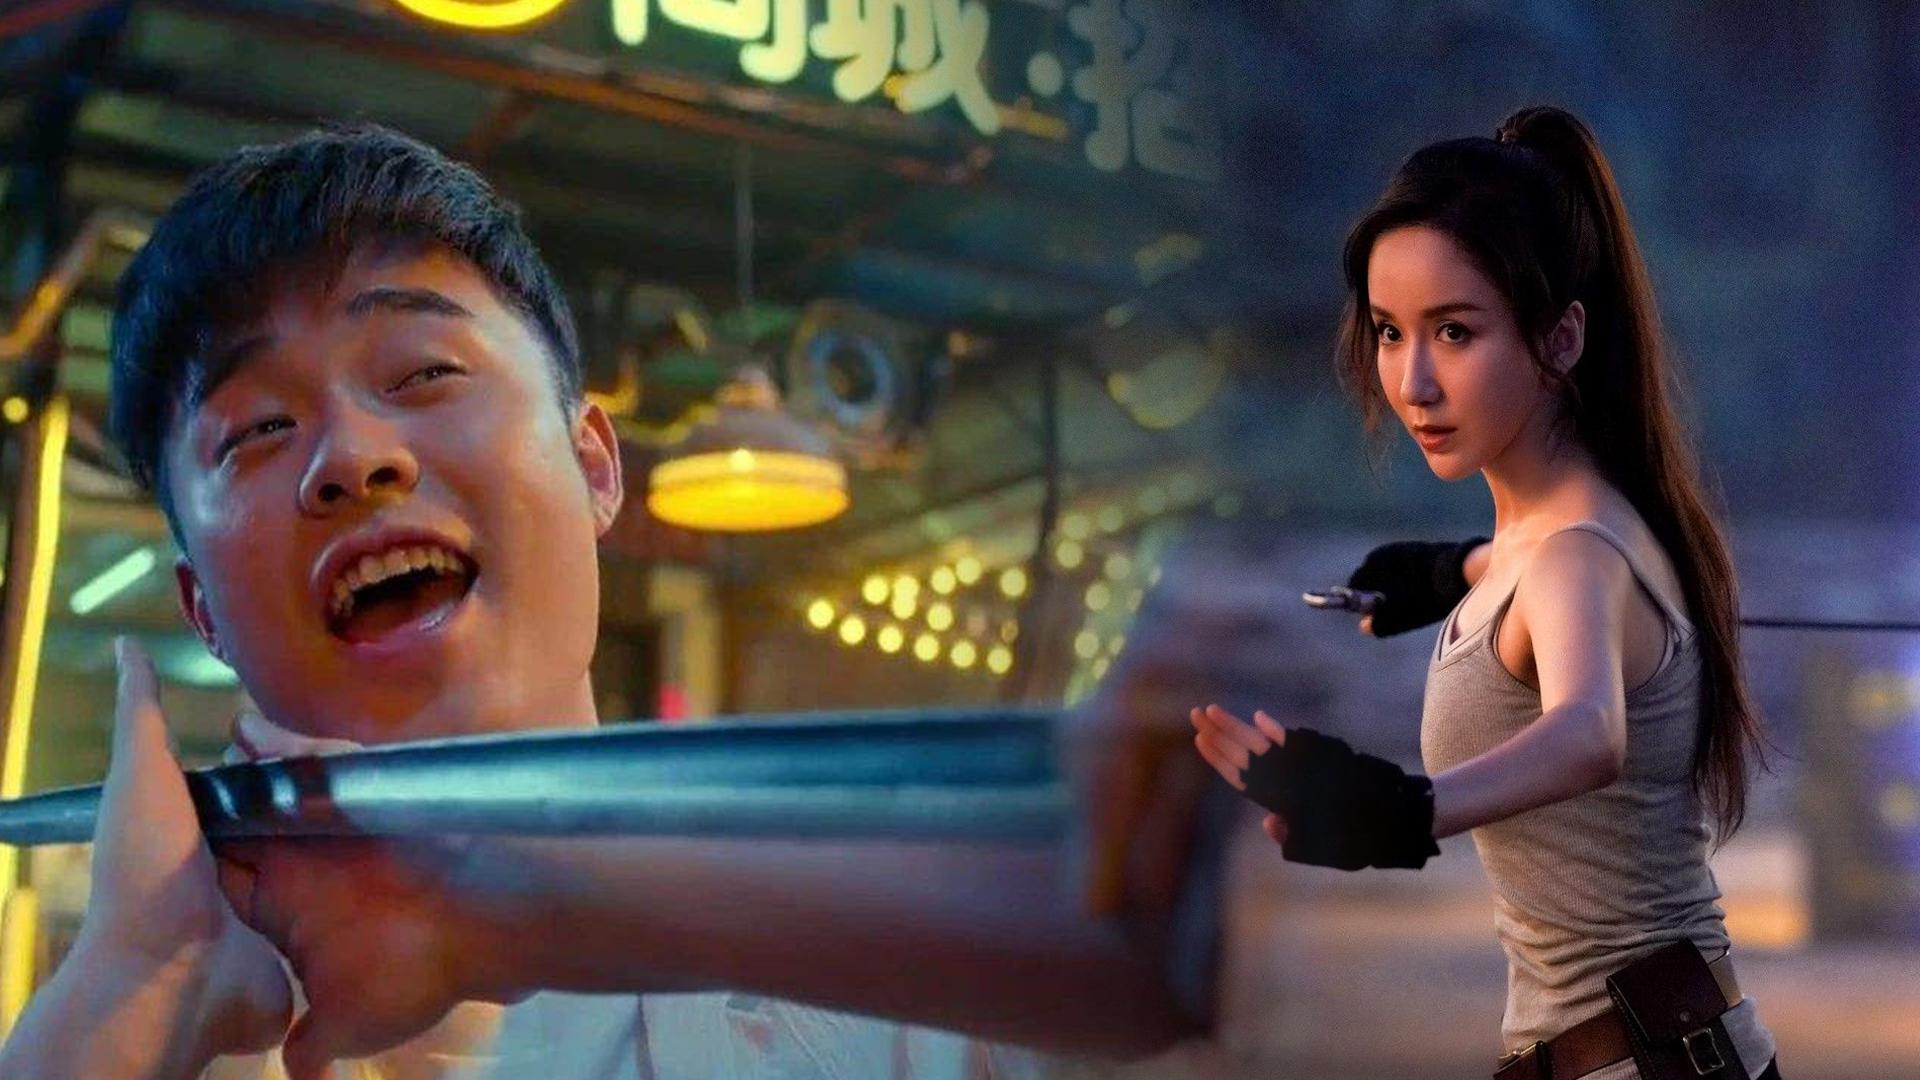 新片快评:没有关谷神奇的《爱情公寓》电影版热映,网友:这是啥